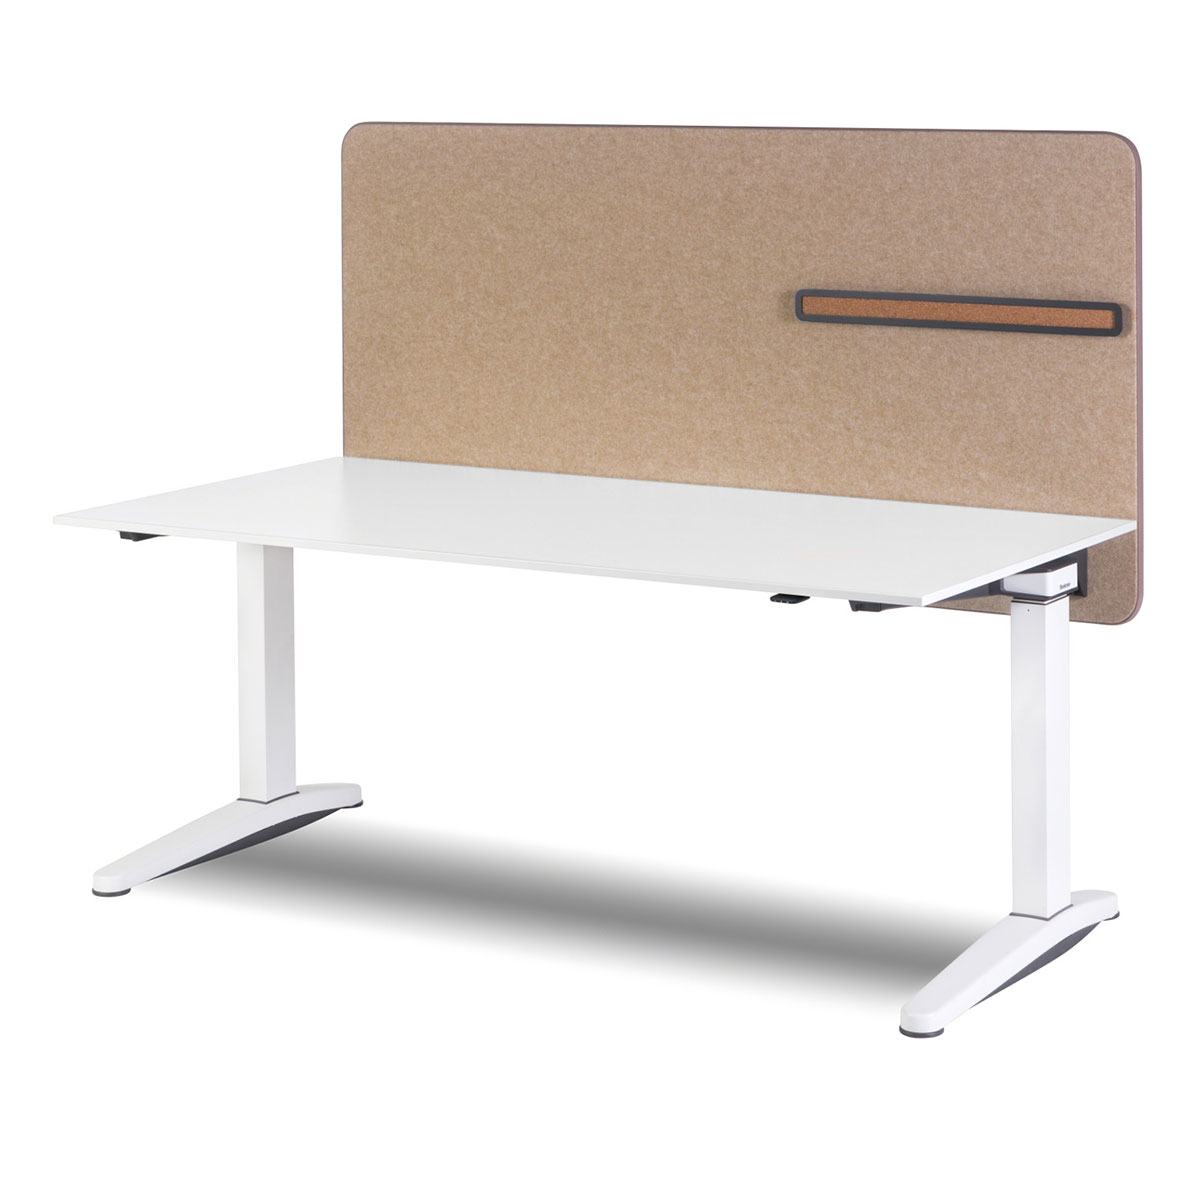 Steelcase OLOGY elektrisch höhenverstellbarer Schreibtisch, 650 - 1.250 mm Höhe